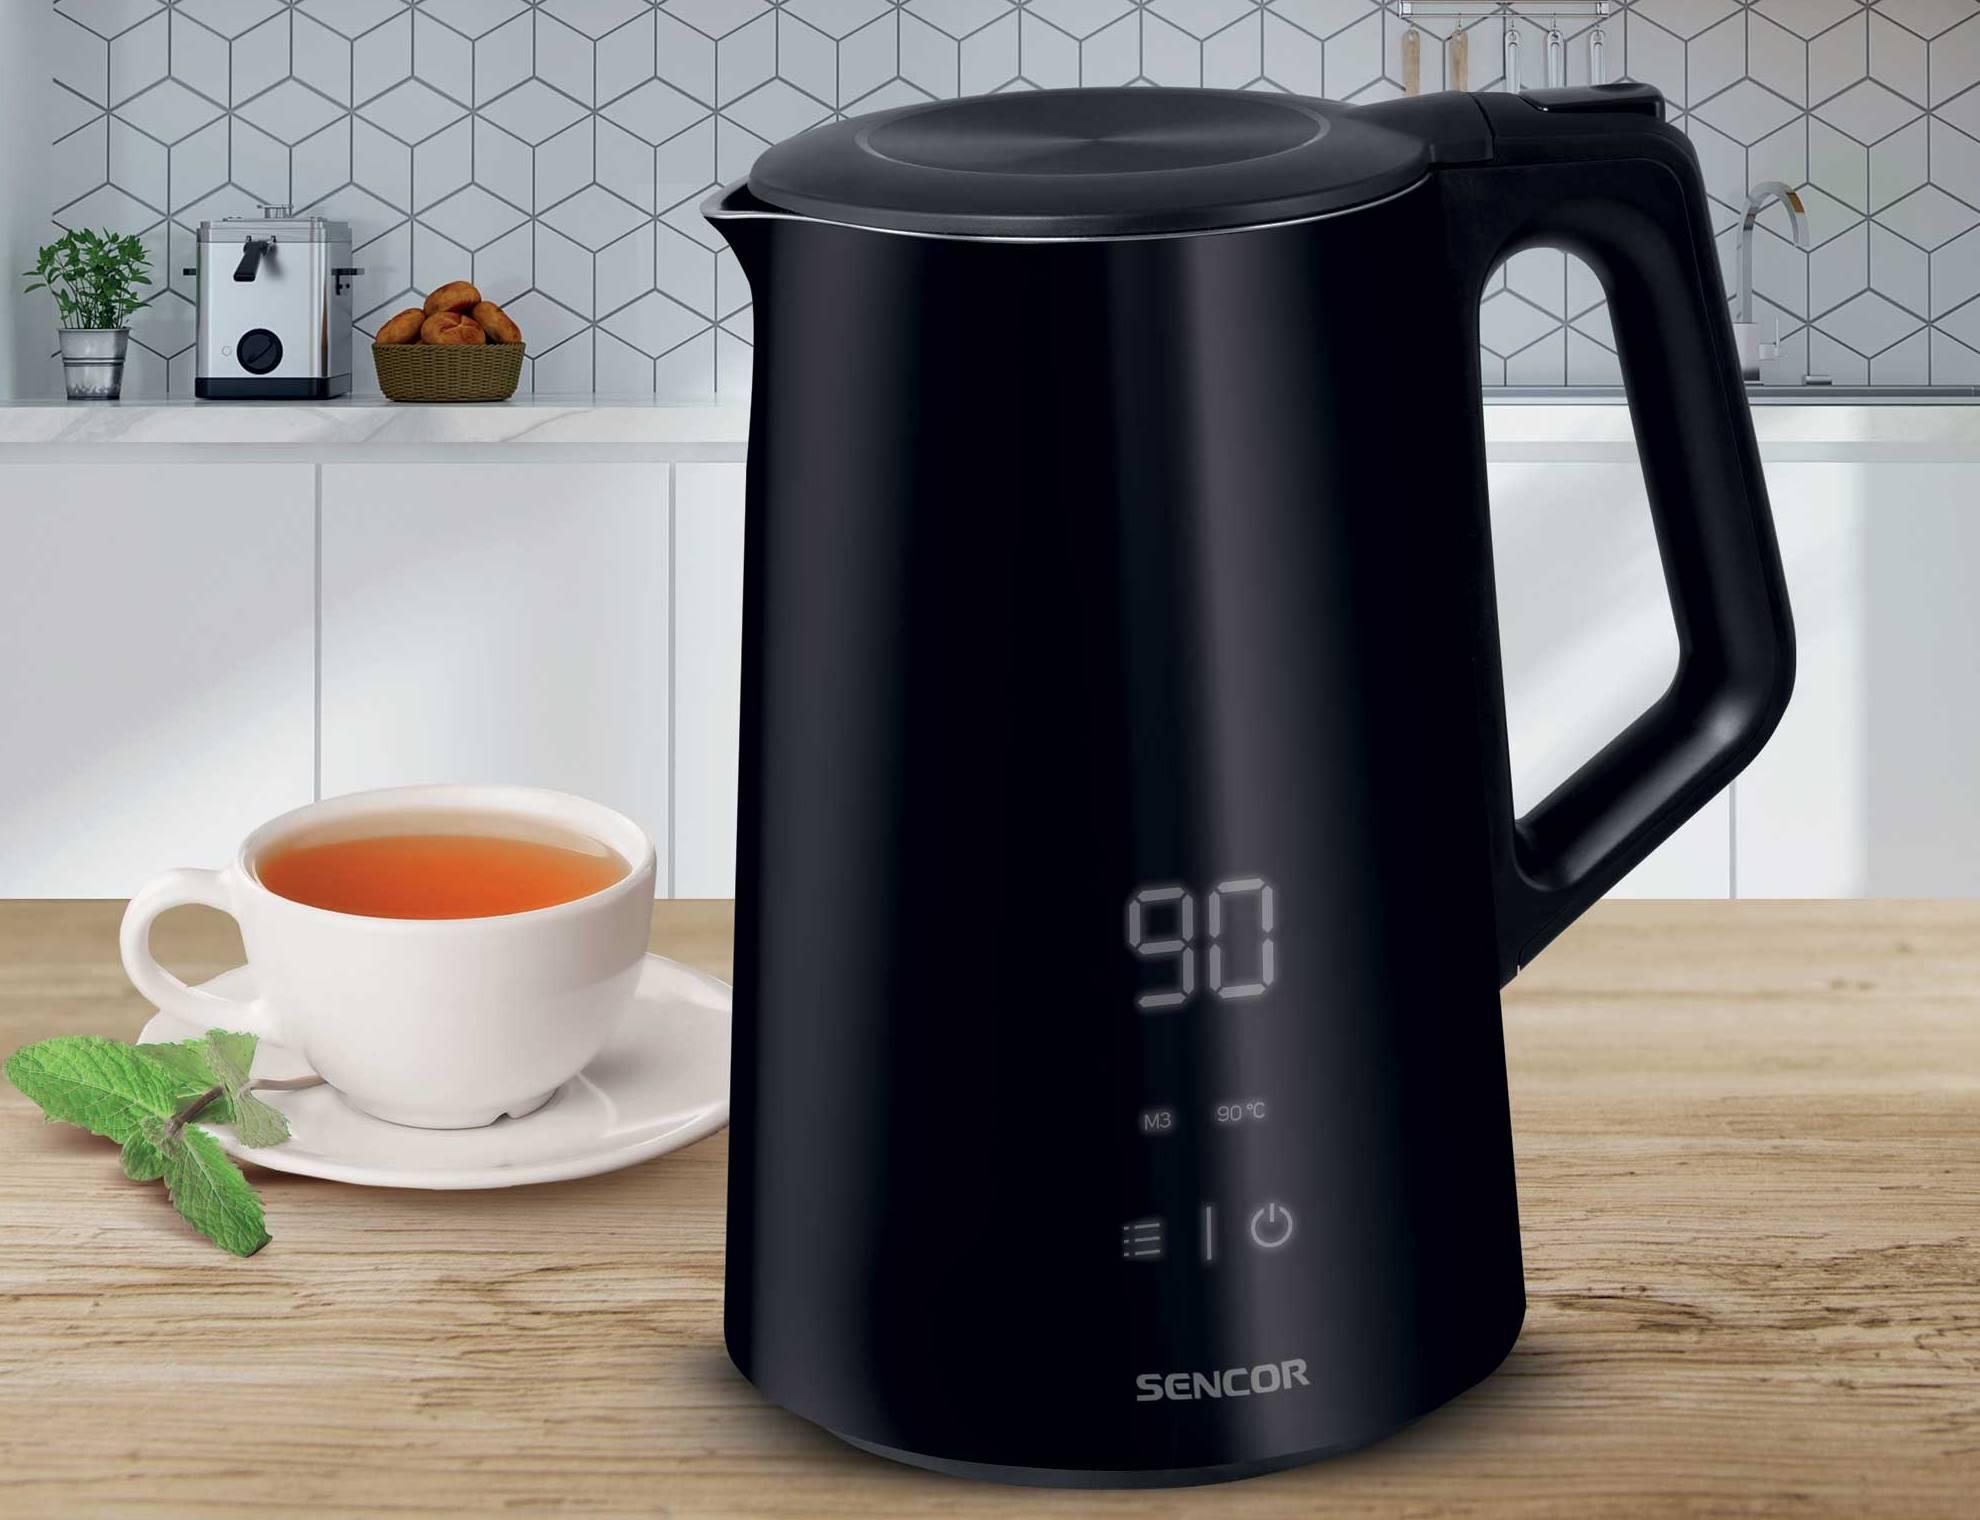 Konvice Sencor SWK 0590BK má 1,5l vnitřní nádobu, což odpovídá přibližně 6 šálkům čaje či jiného horkého nápoje.